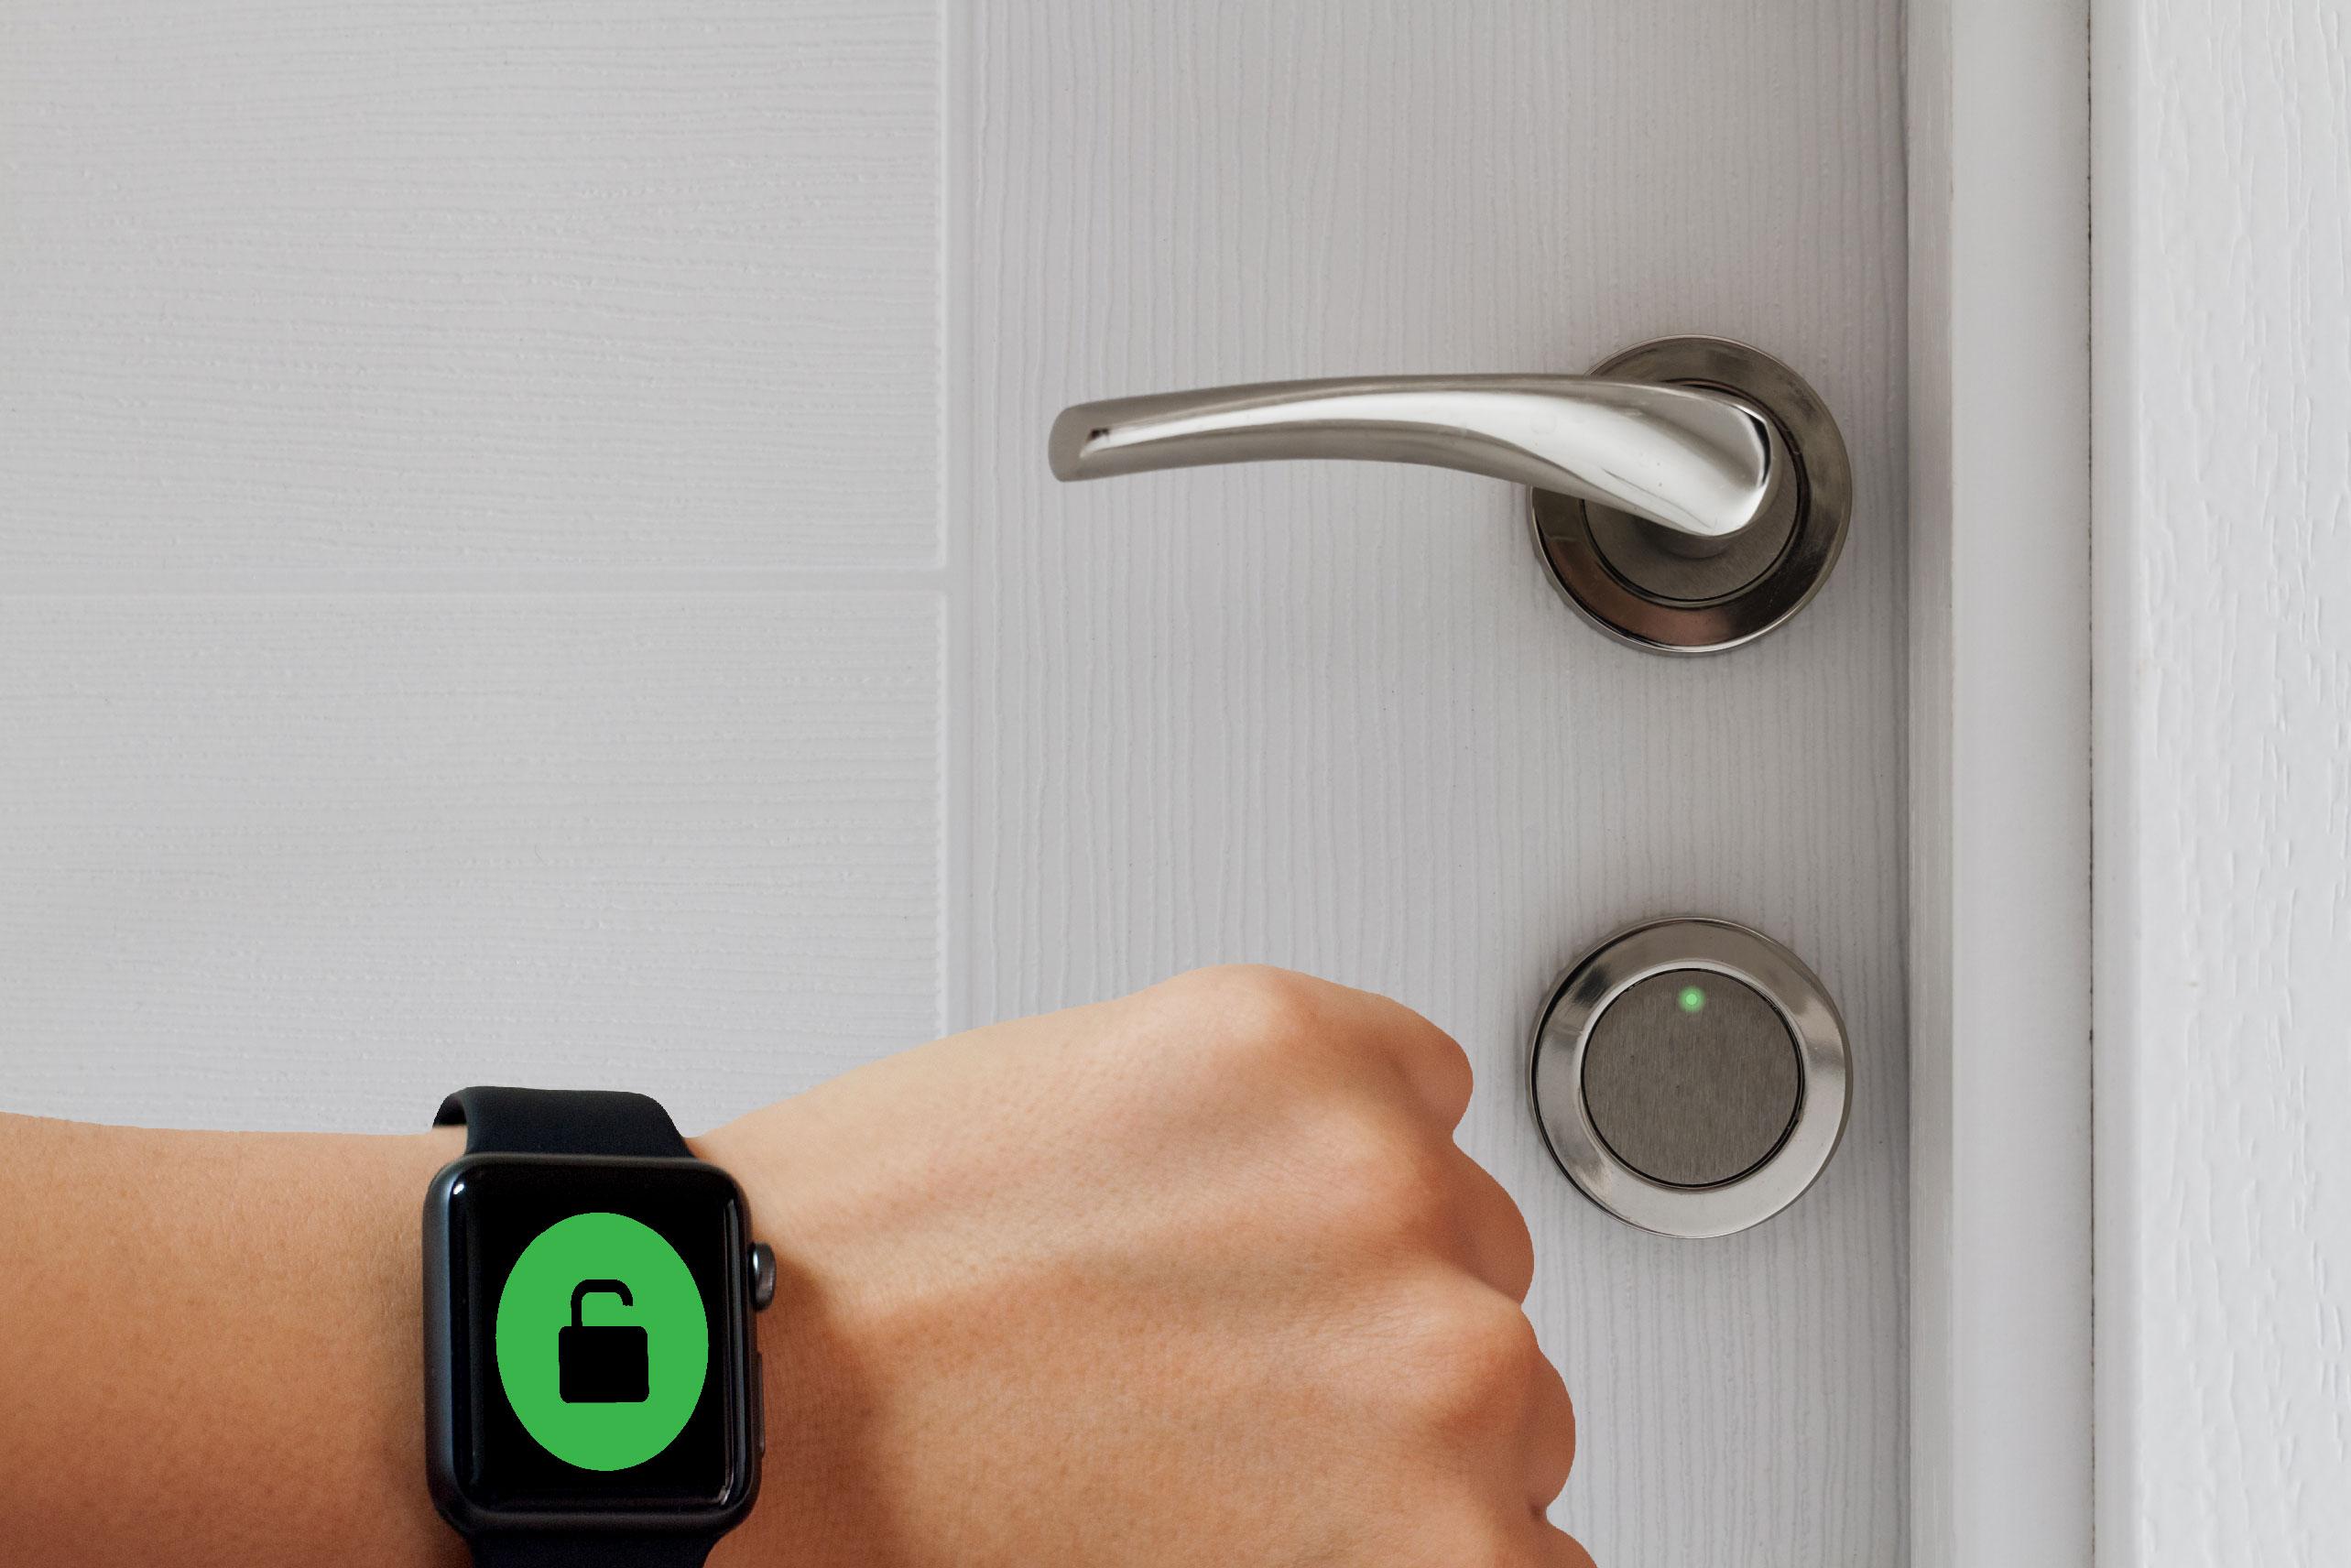 watch-home-door-unlock